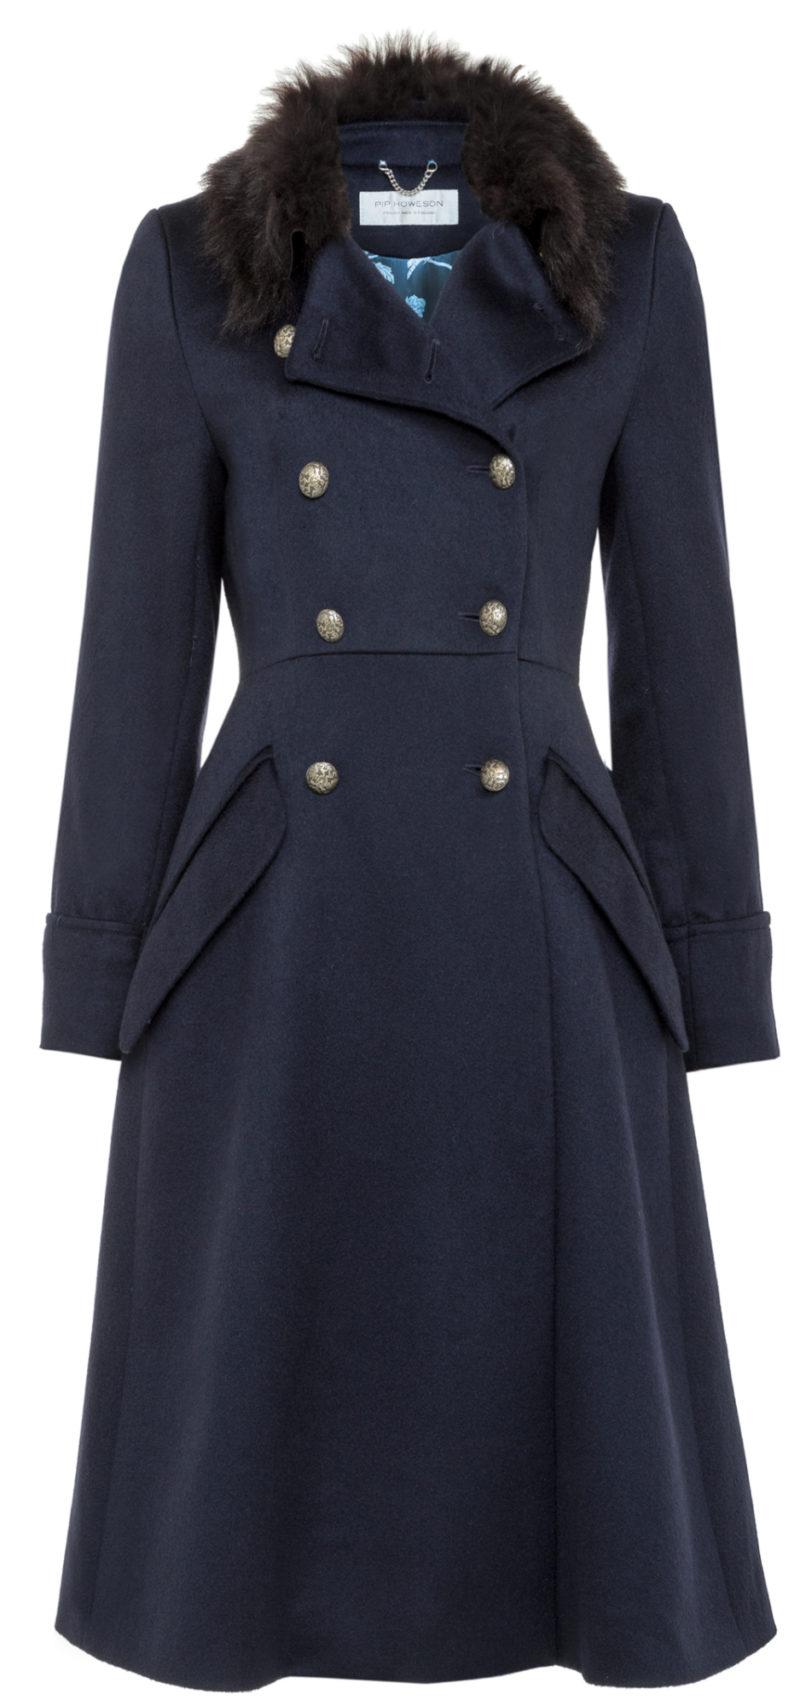 Pip Howeson Margot Coat